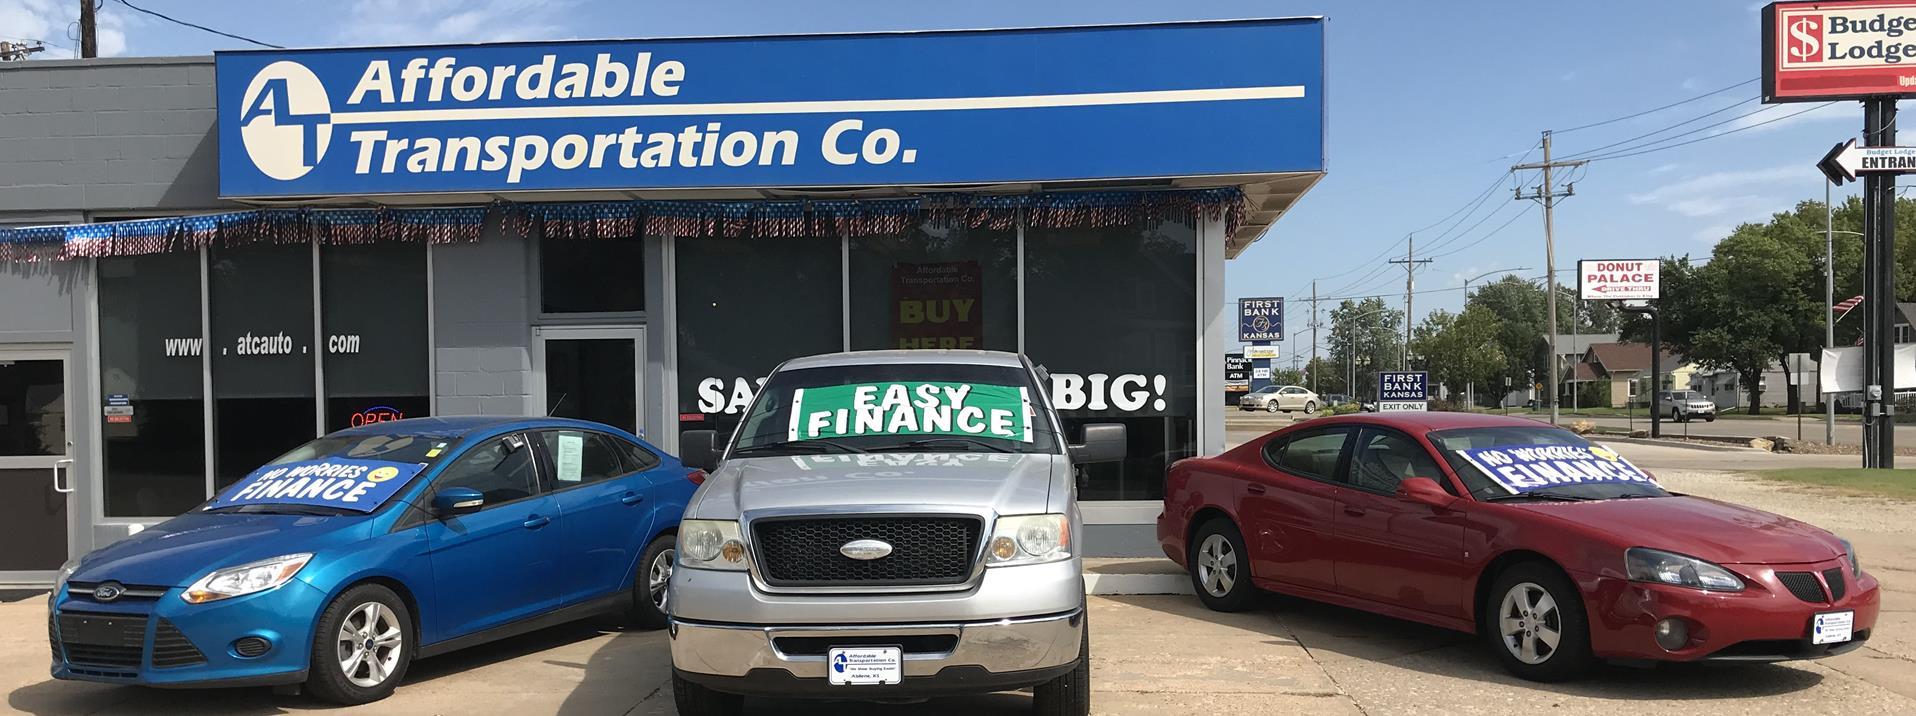 Salina Used Cars >> Used Cars Salina Ks Used Cars Trucks Ks Affordable